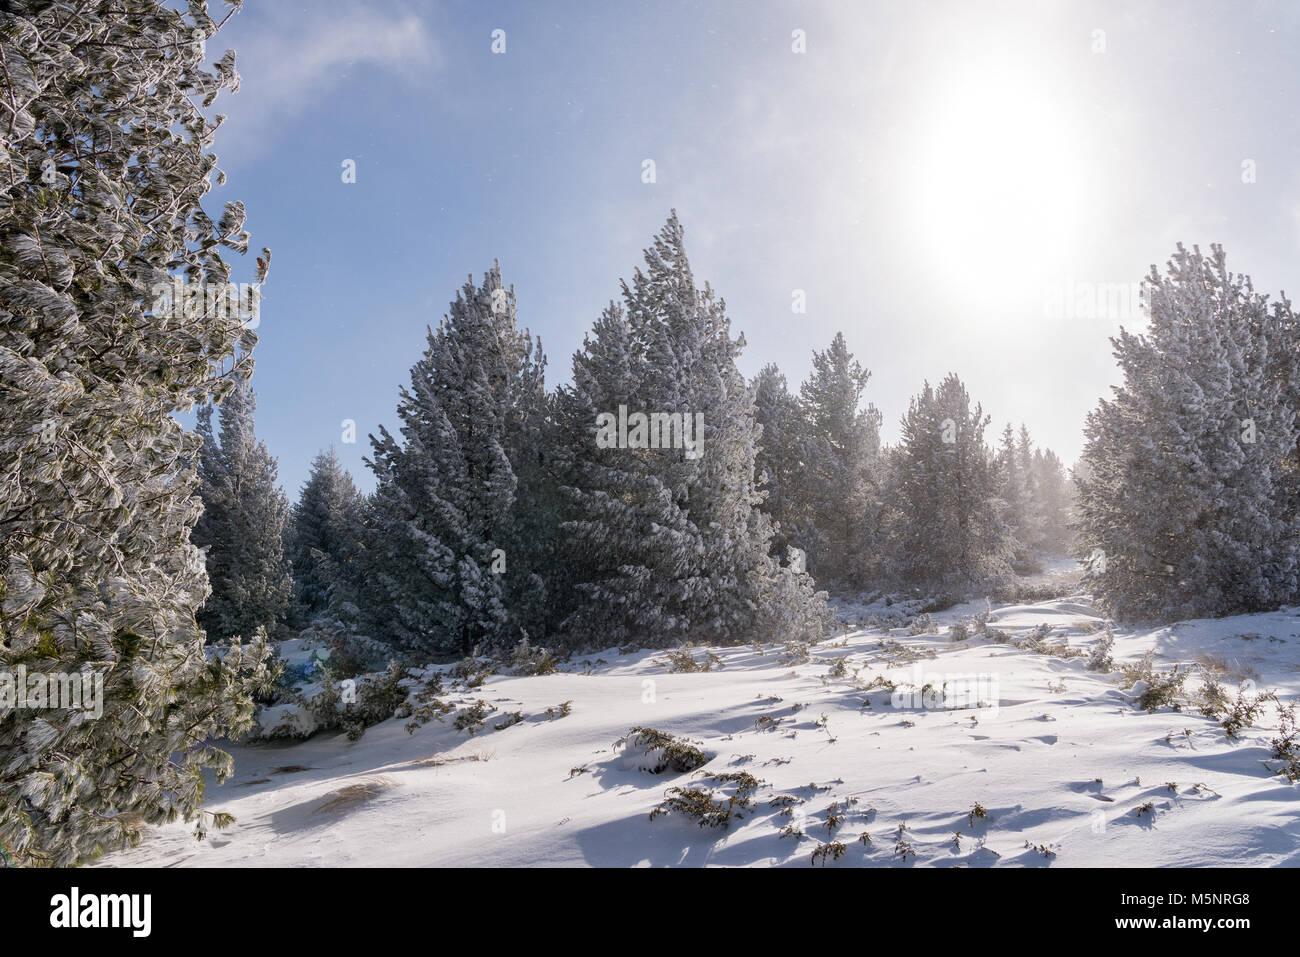 Windy Stormy Weather Snow Stock Photos & Windy Stormy